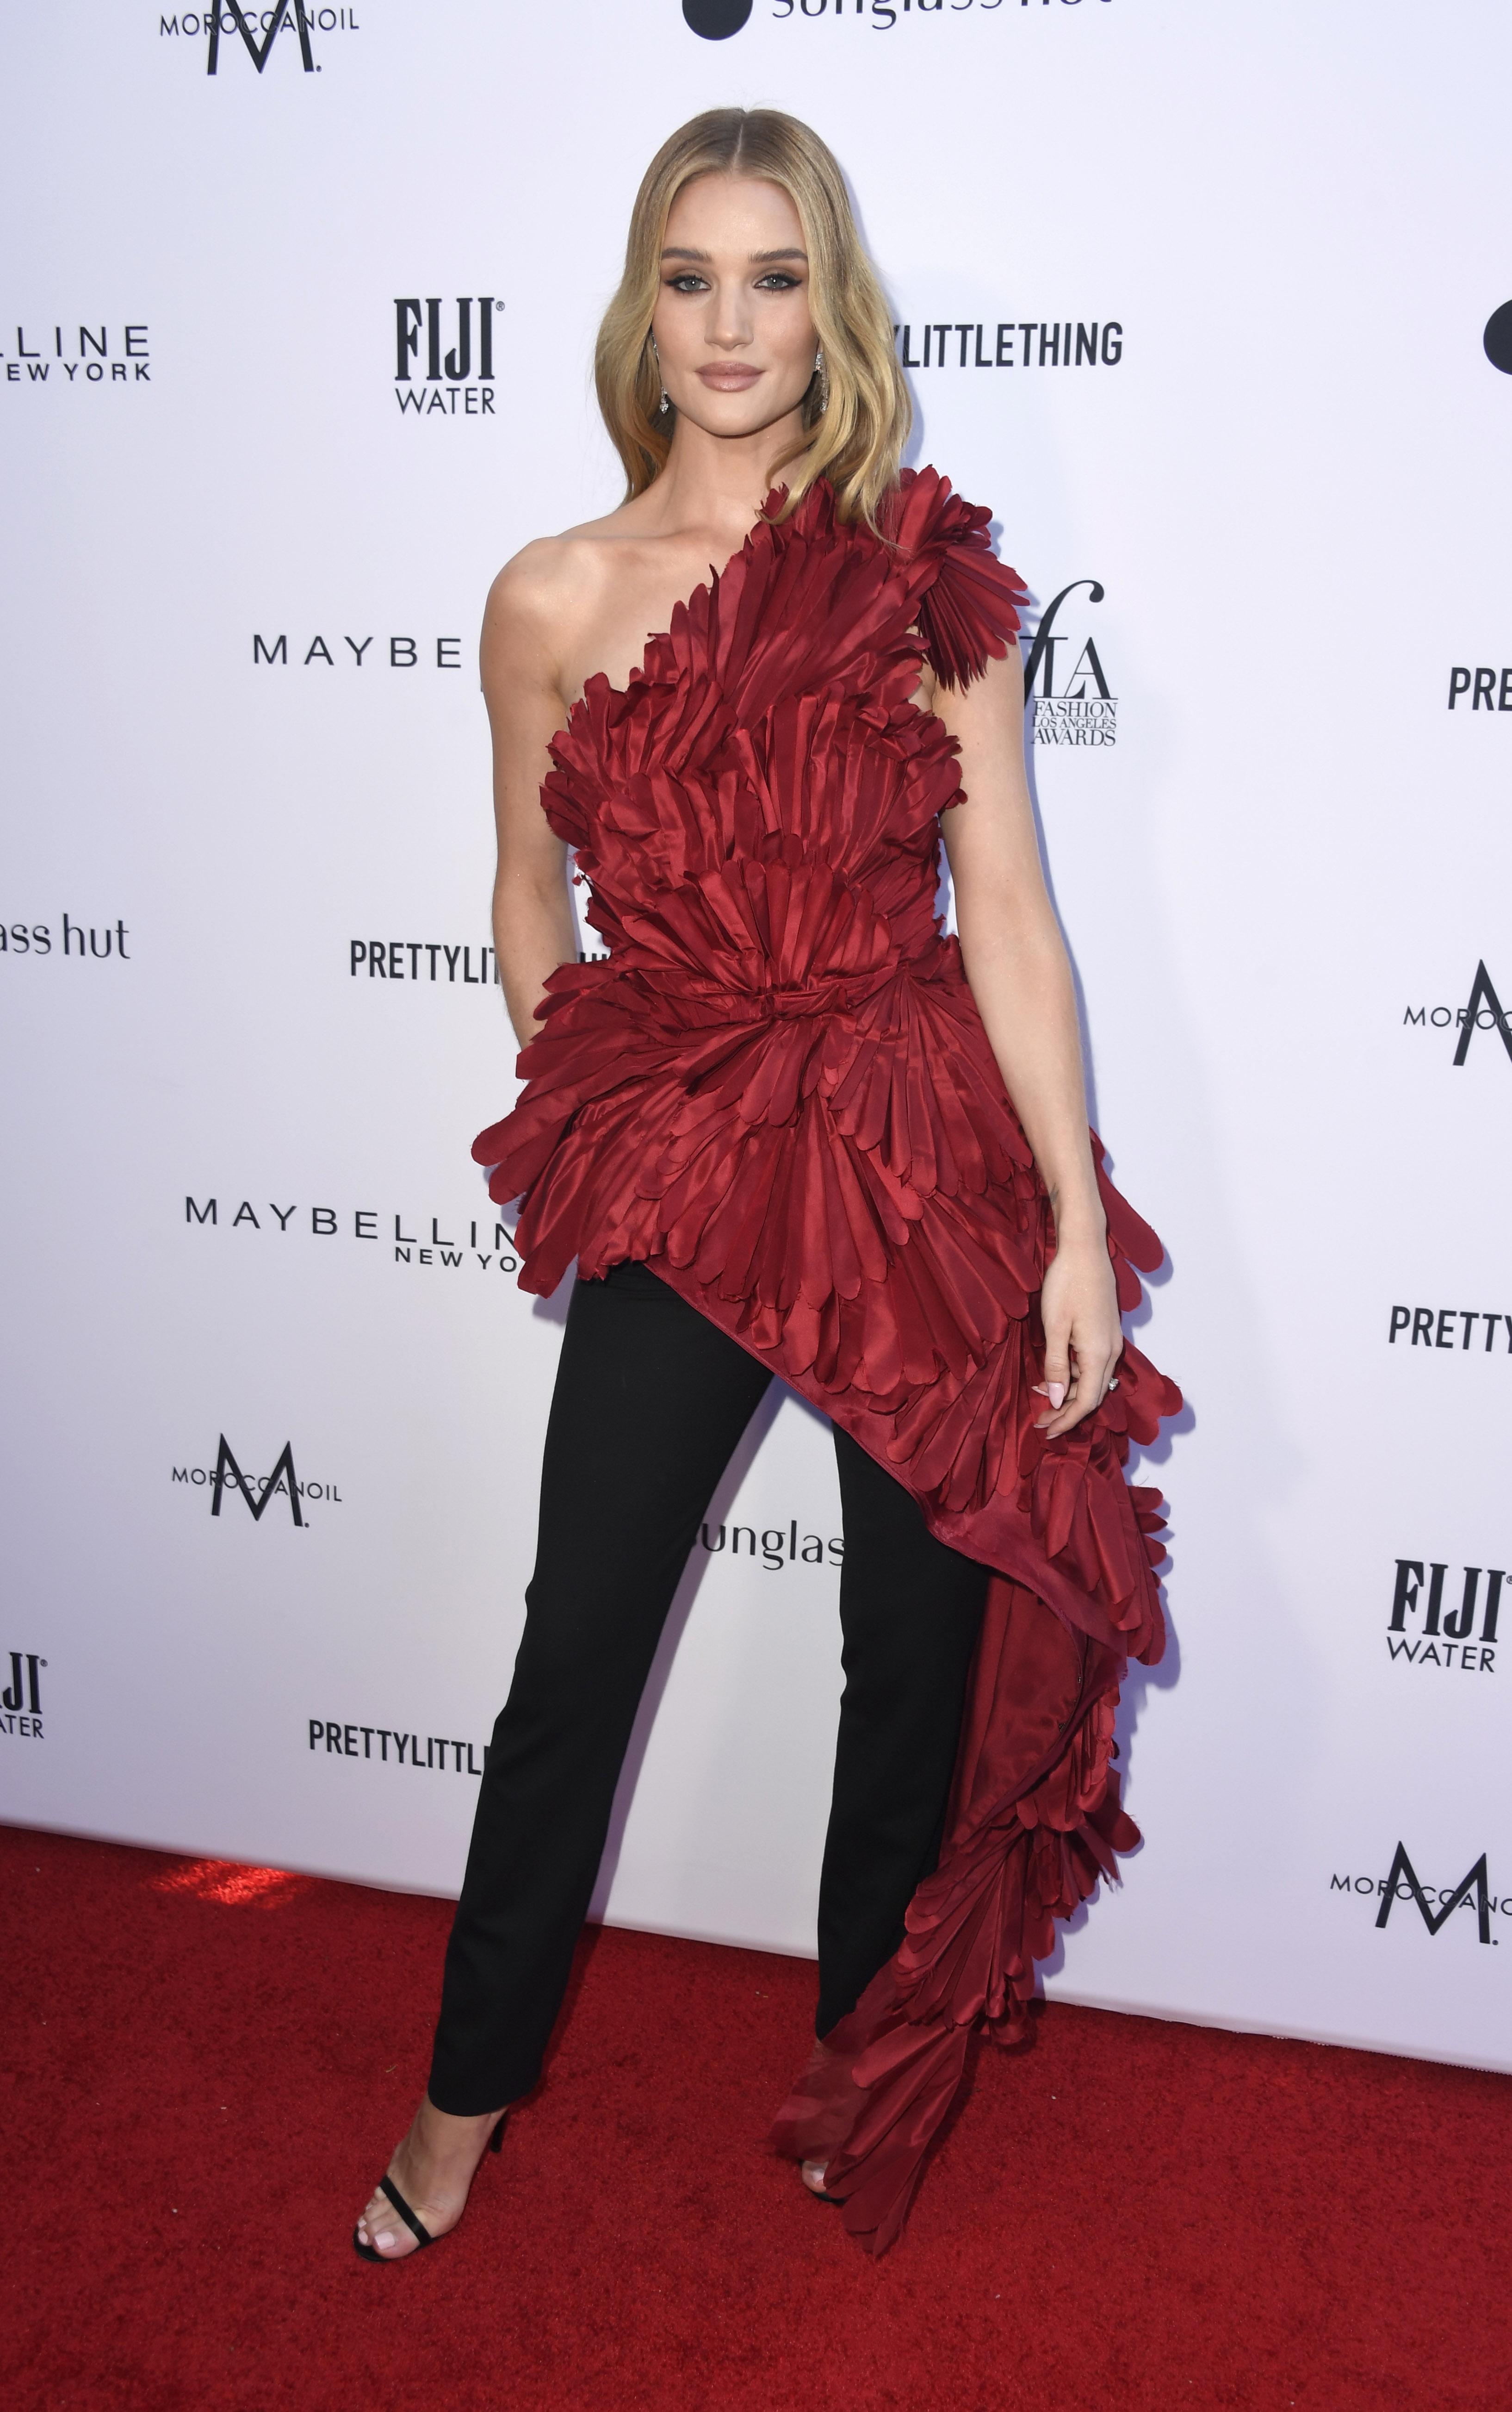 Роузи Хънтингтън Уайтли по подразбиране има безупречен гардероб, но ето, че и тя допуска грешки, при това в Oscar de la Renta.